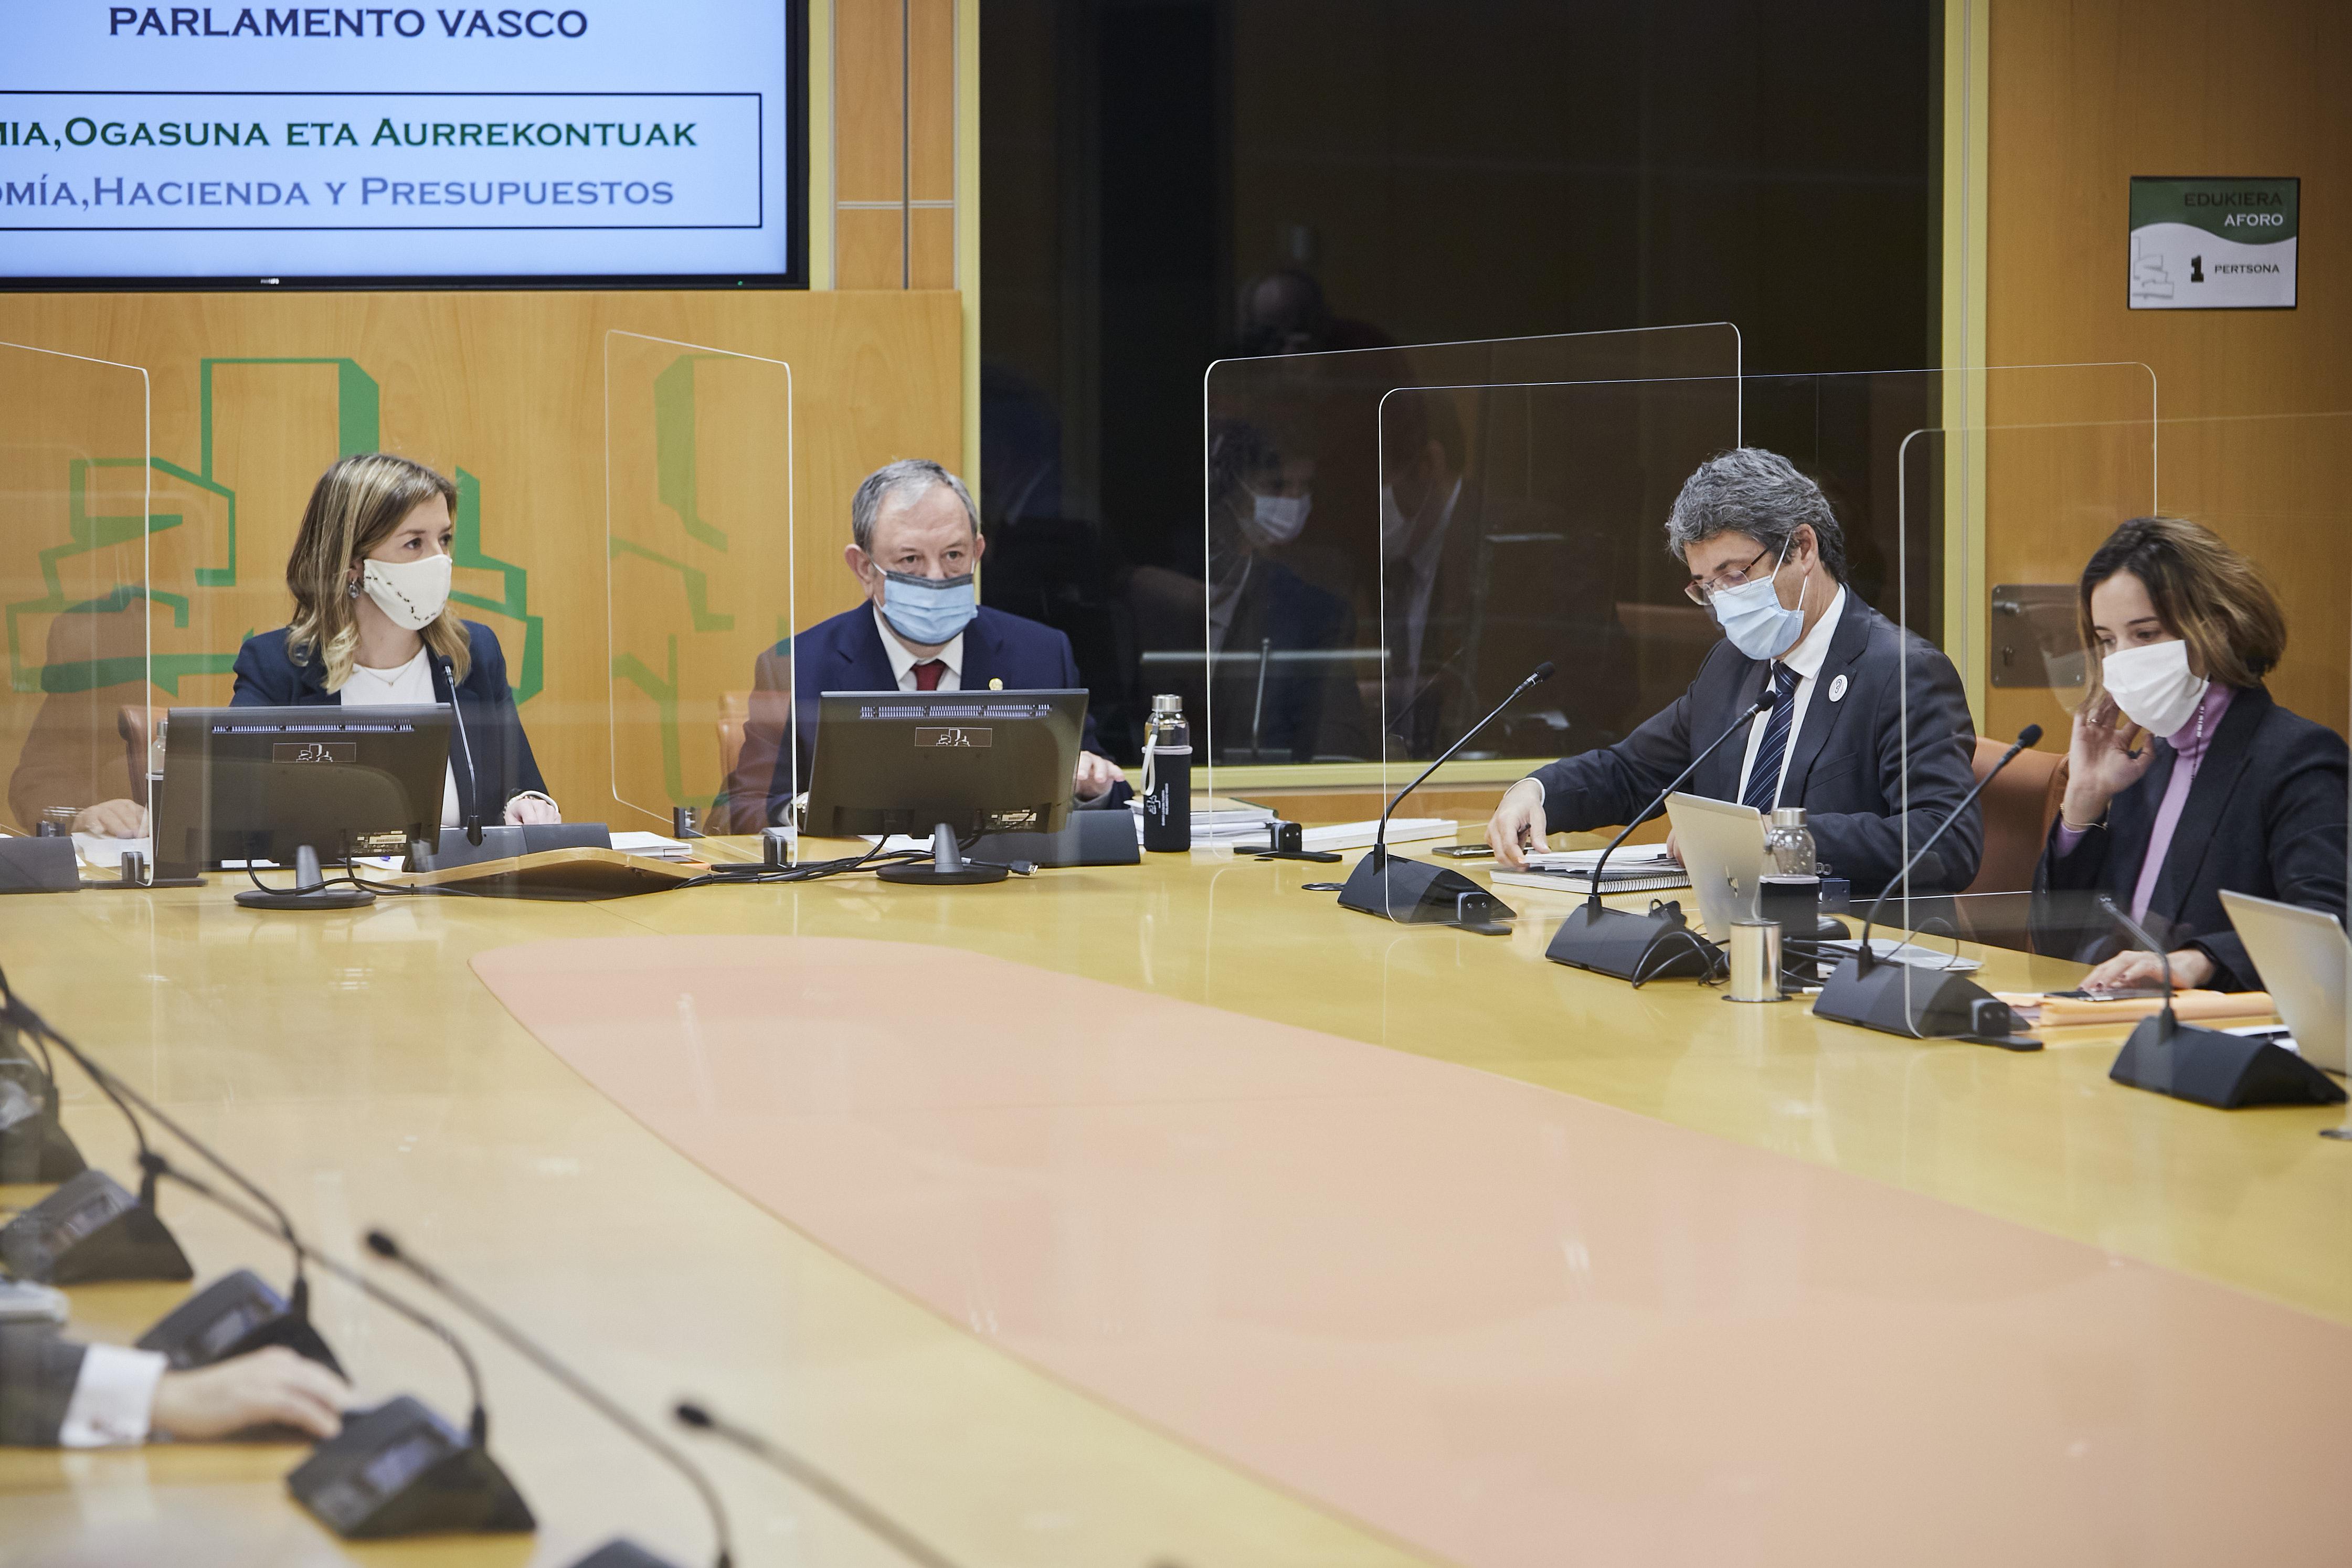 Comisión de Economía, Hacienda y Presupuestos [136:09]